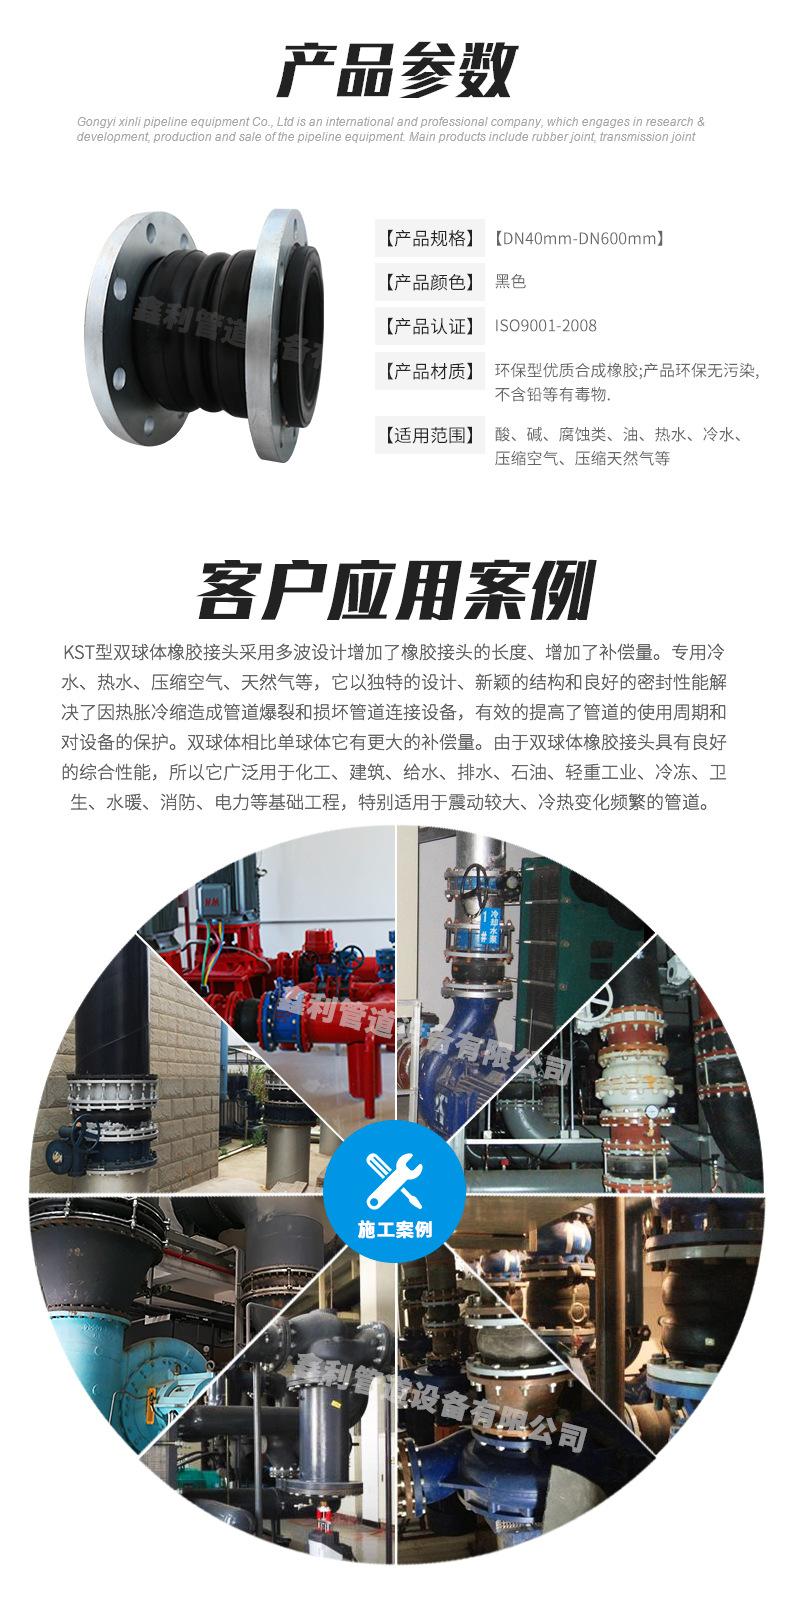 双球橡胶软连接具备什么应用优点